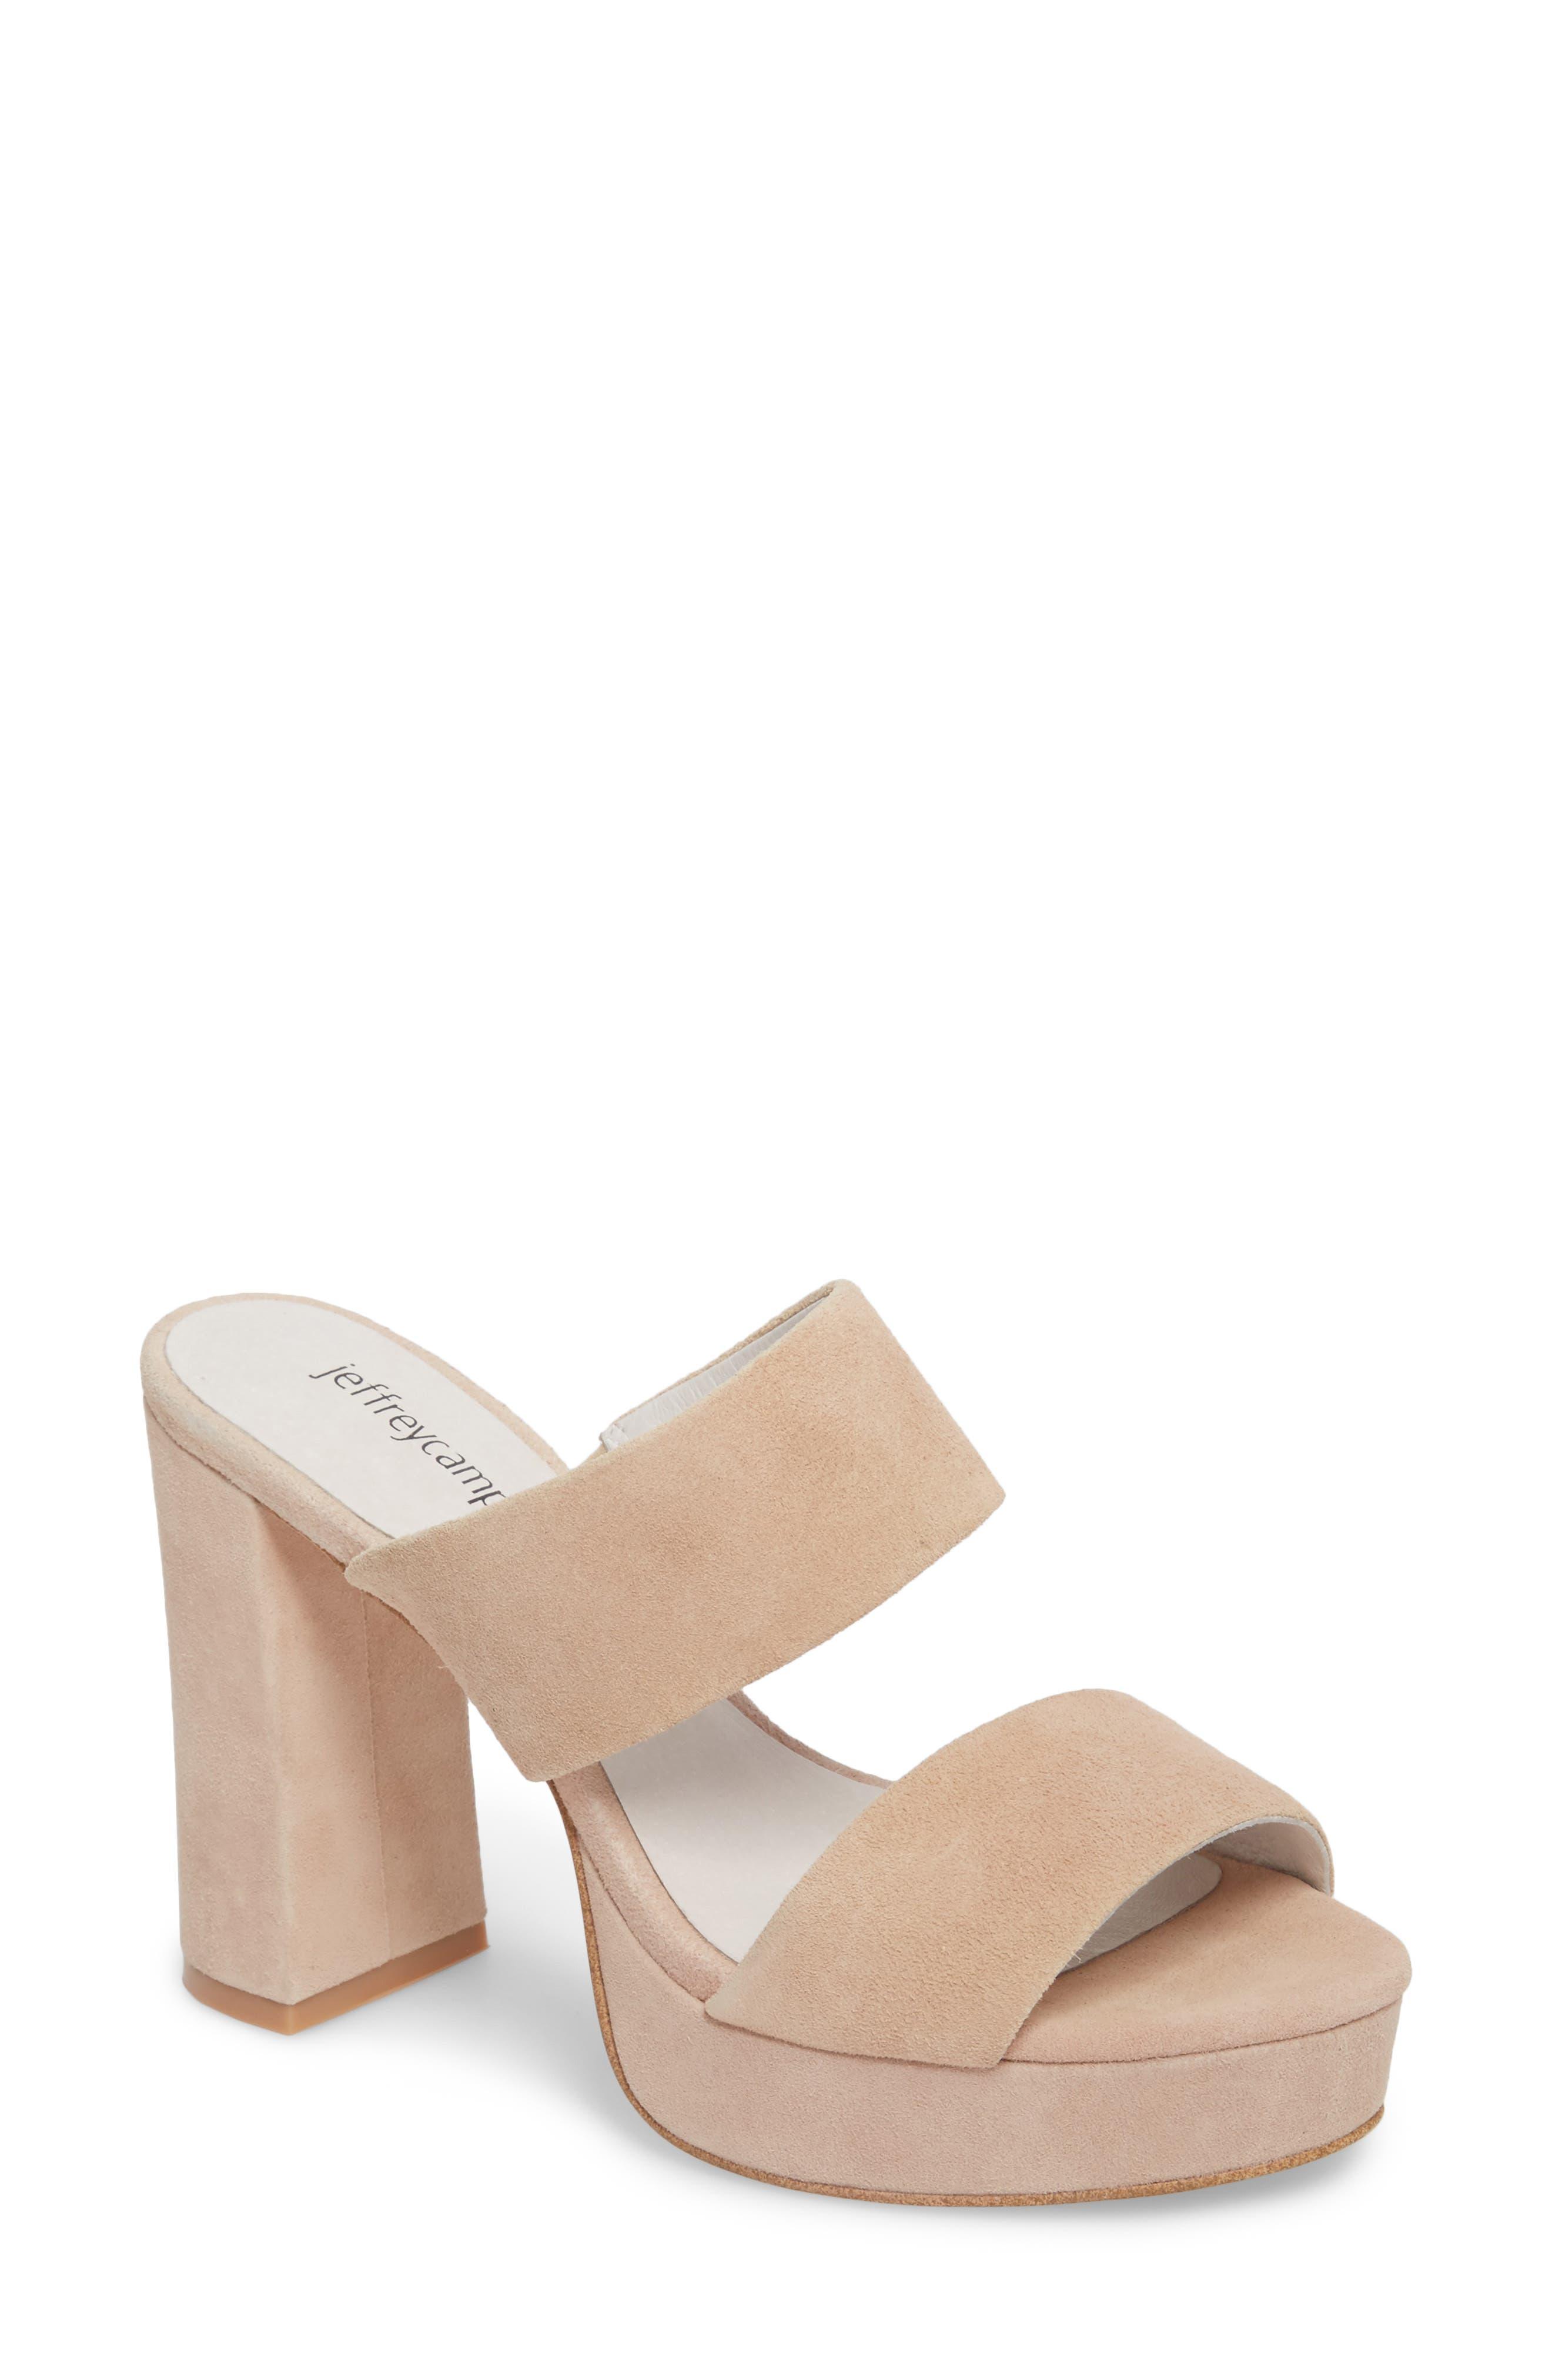 Jeffrey Campbell Women's Upset Embellished Platform Sandal Vm7OyrTVhK